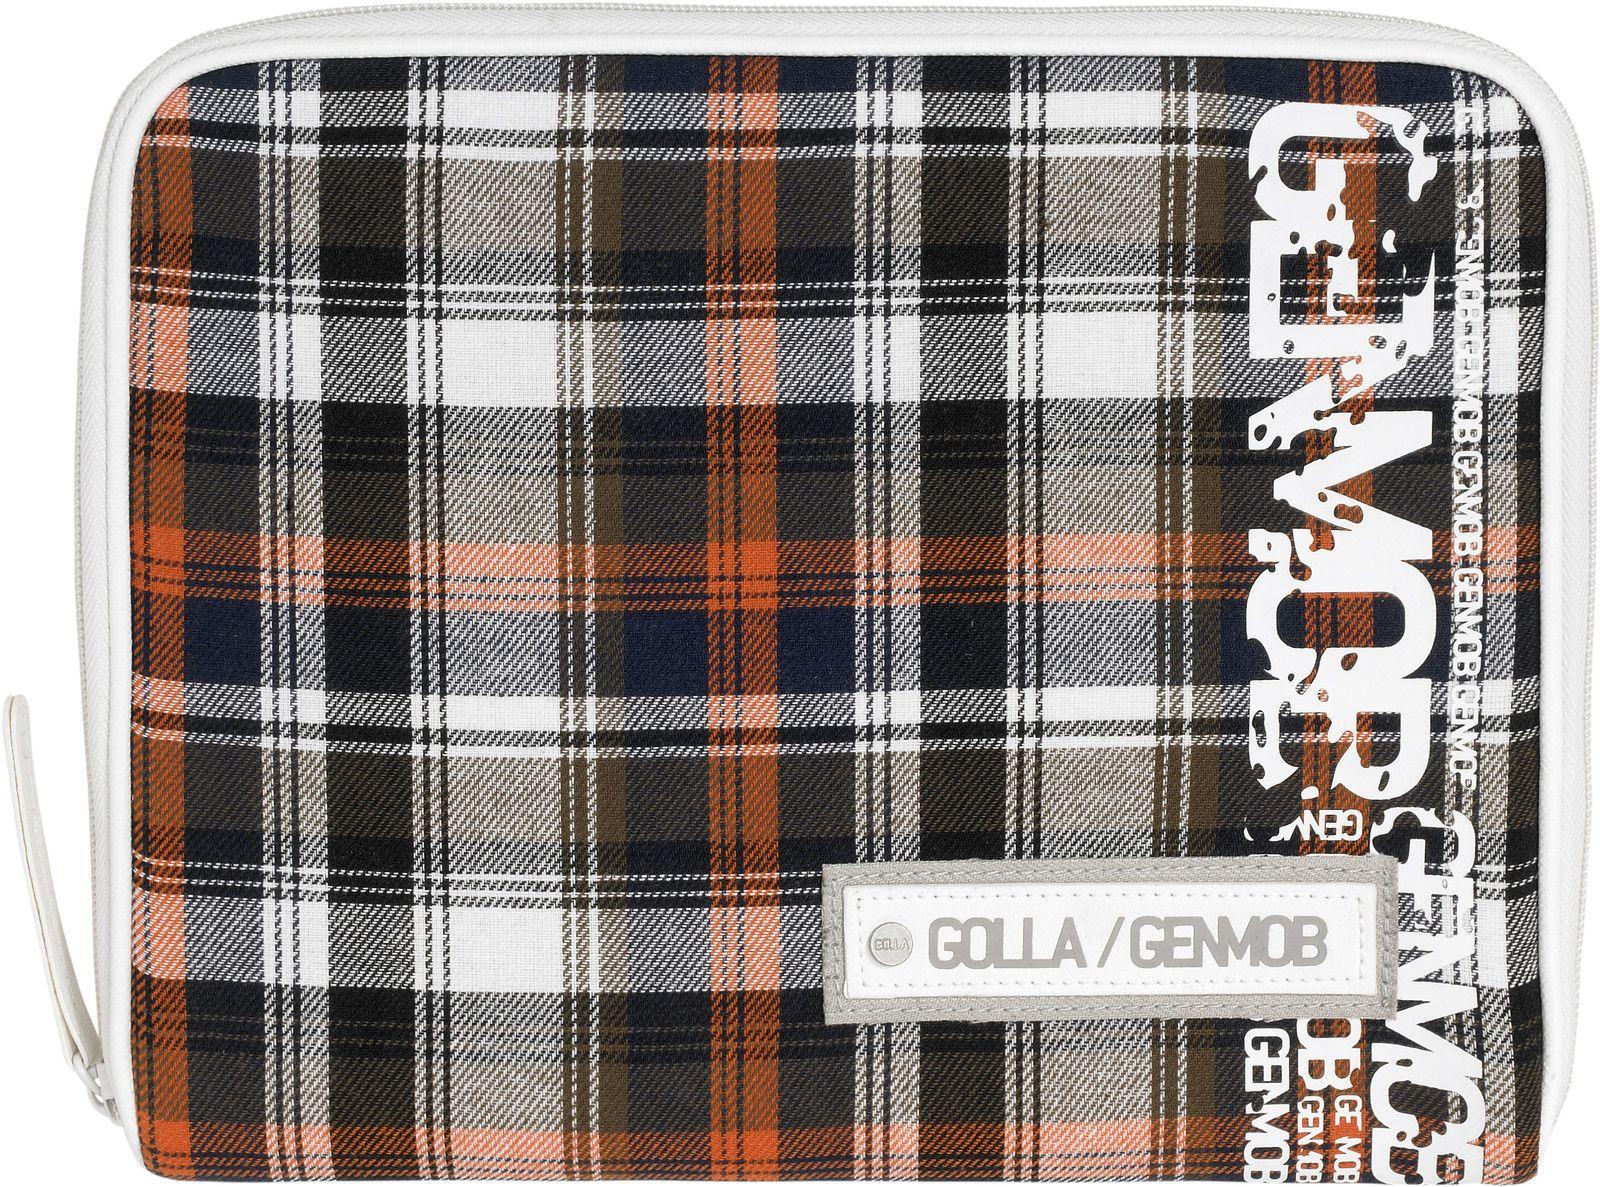 Golla Sleeve Glasgow (iPad)